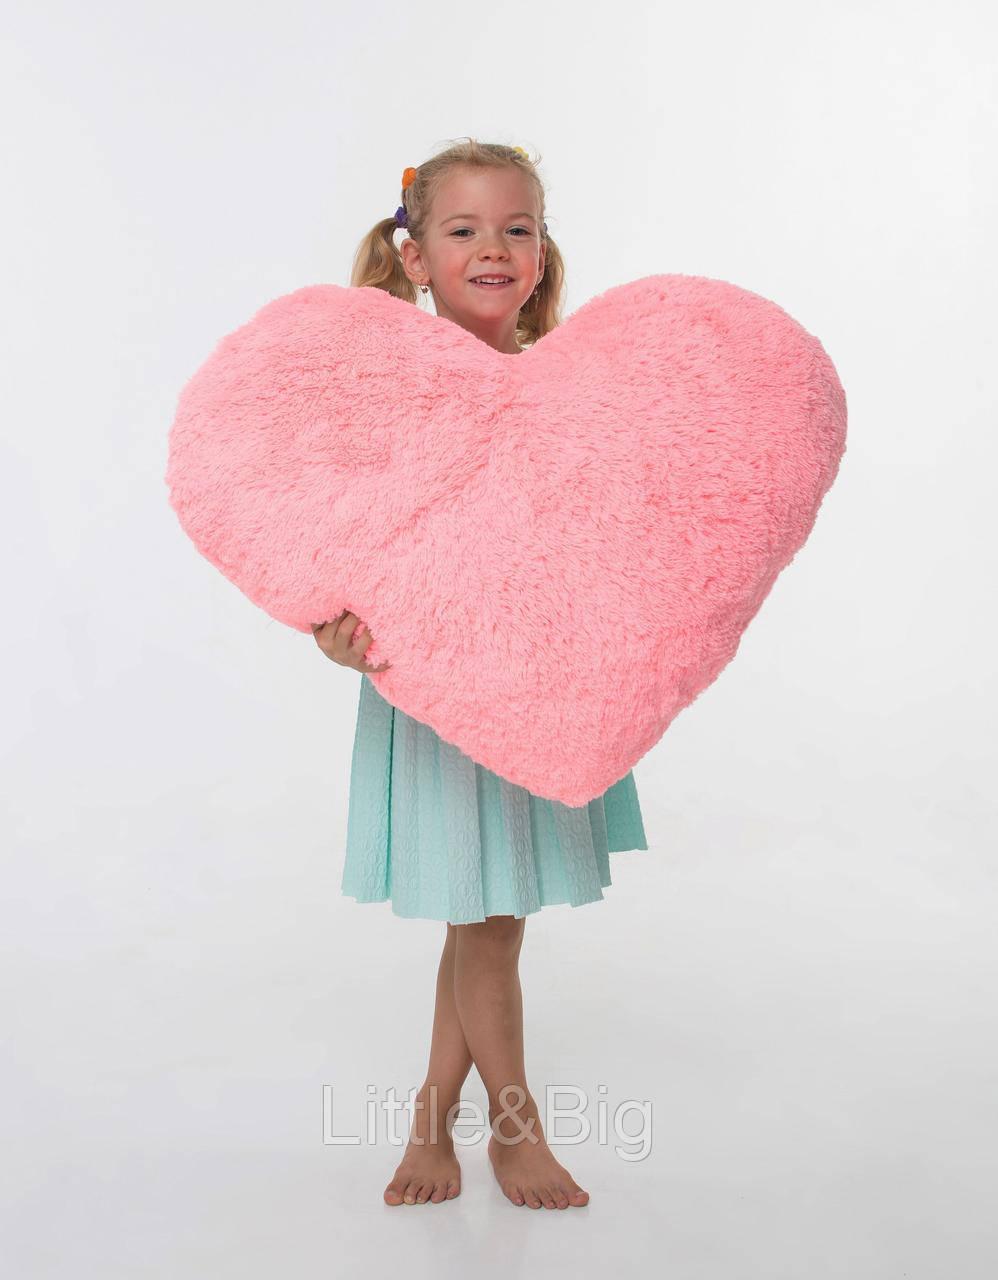 Плюшевая игрушка  Подушка-сердце Розовая 75 см